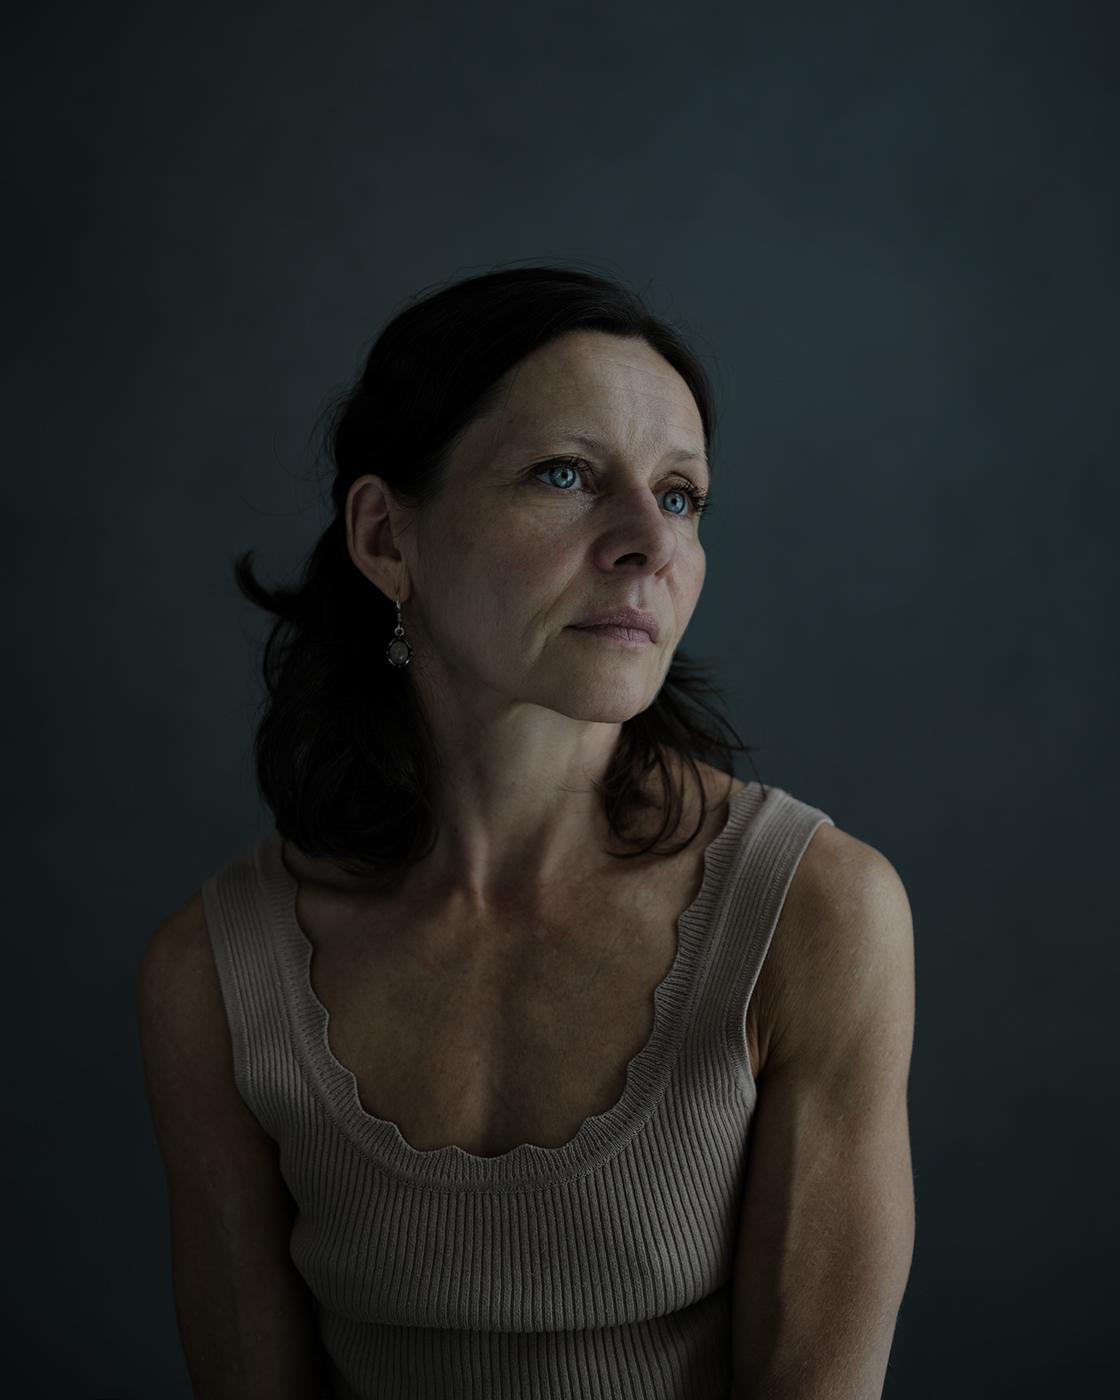 Susanne, portrait, portret, portraitphotography, portretfotografie, daglicht, daylight, Susanne Middelberg